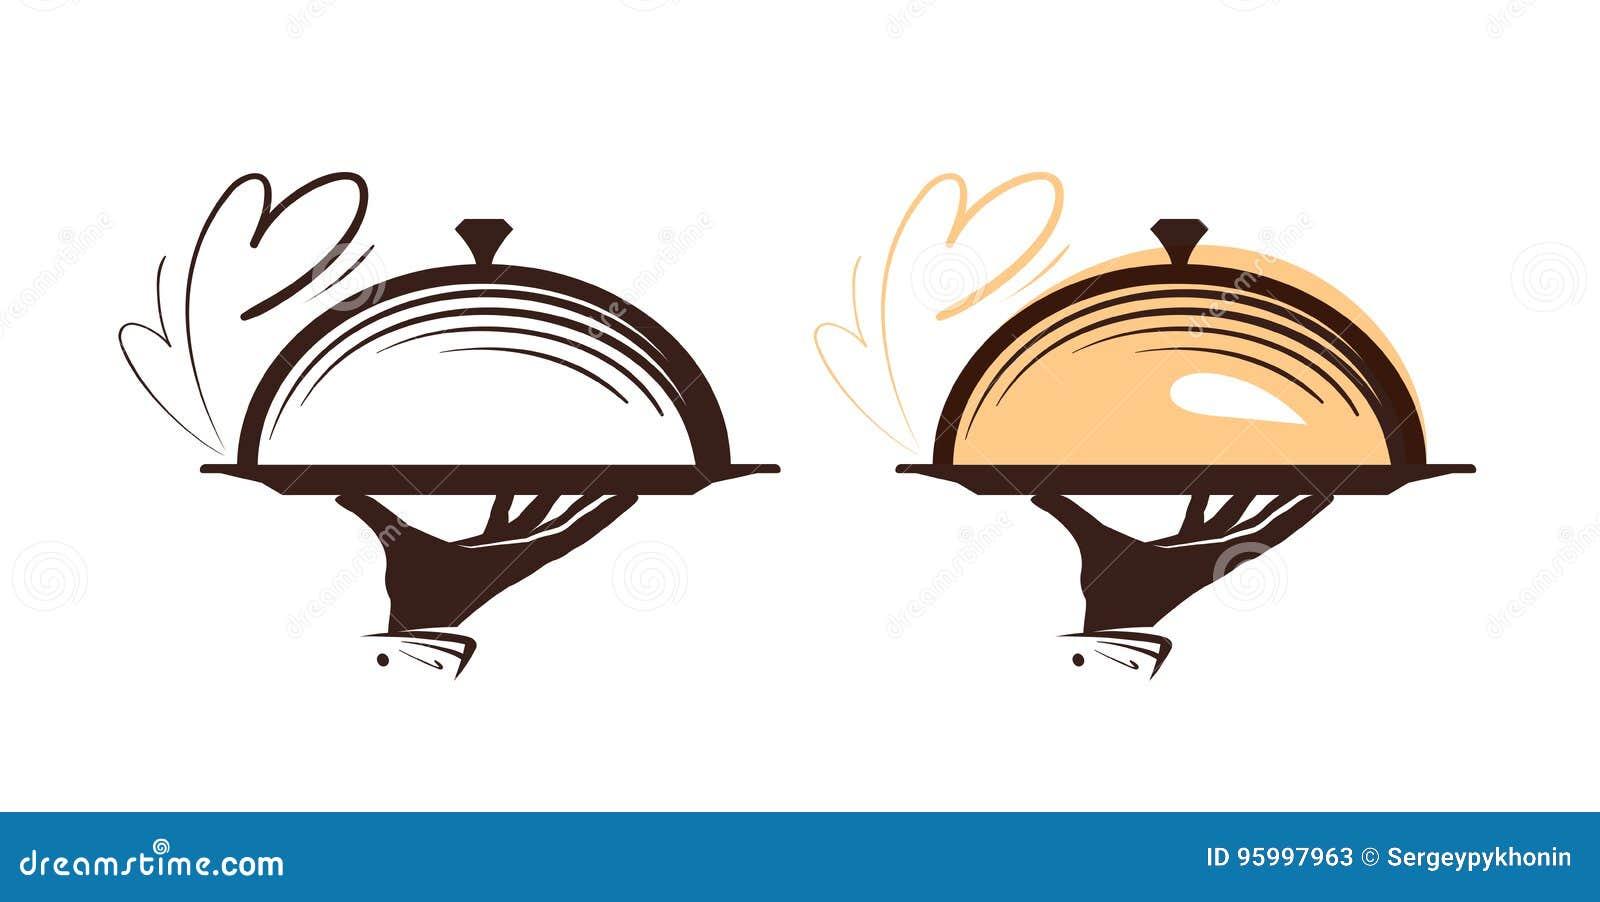 Approvvigionamento, logo della campana di vetro Icona per il ristorante o il caffè del menu di progettazione Illustrazione di vet